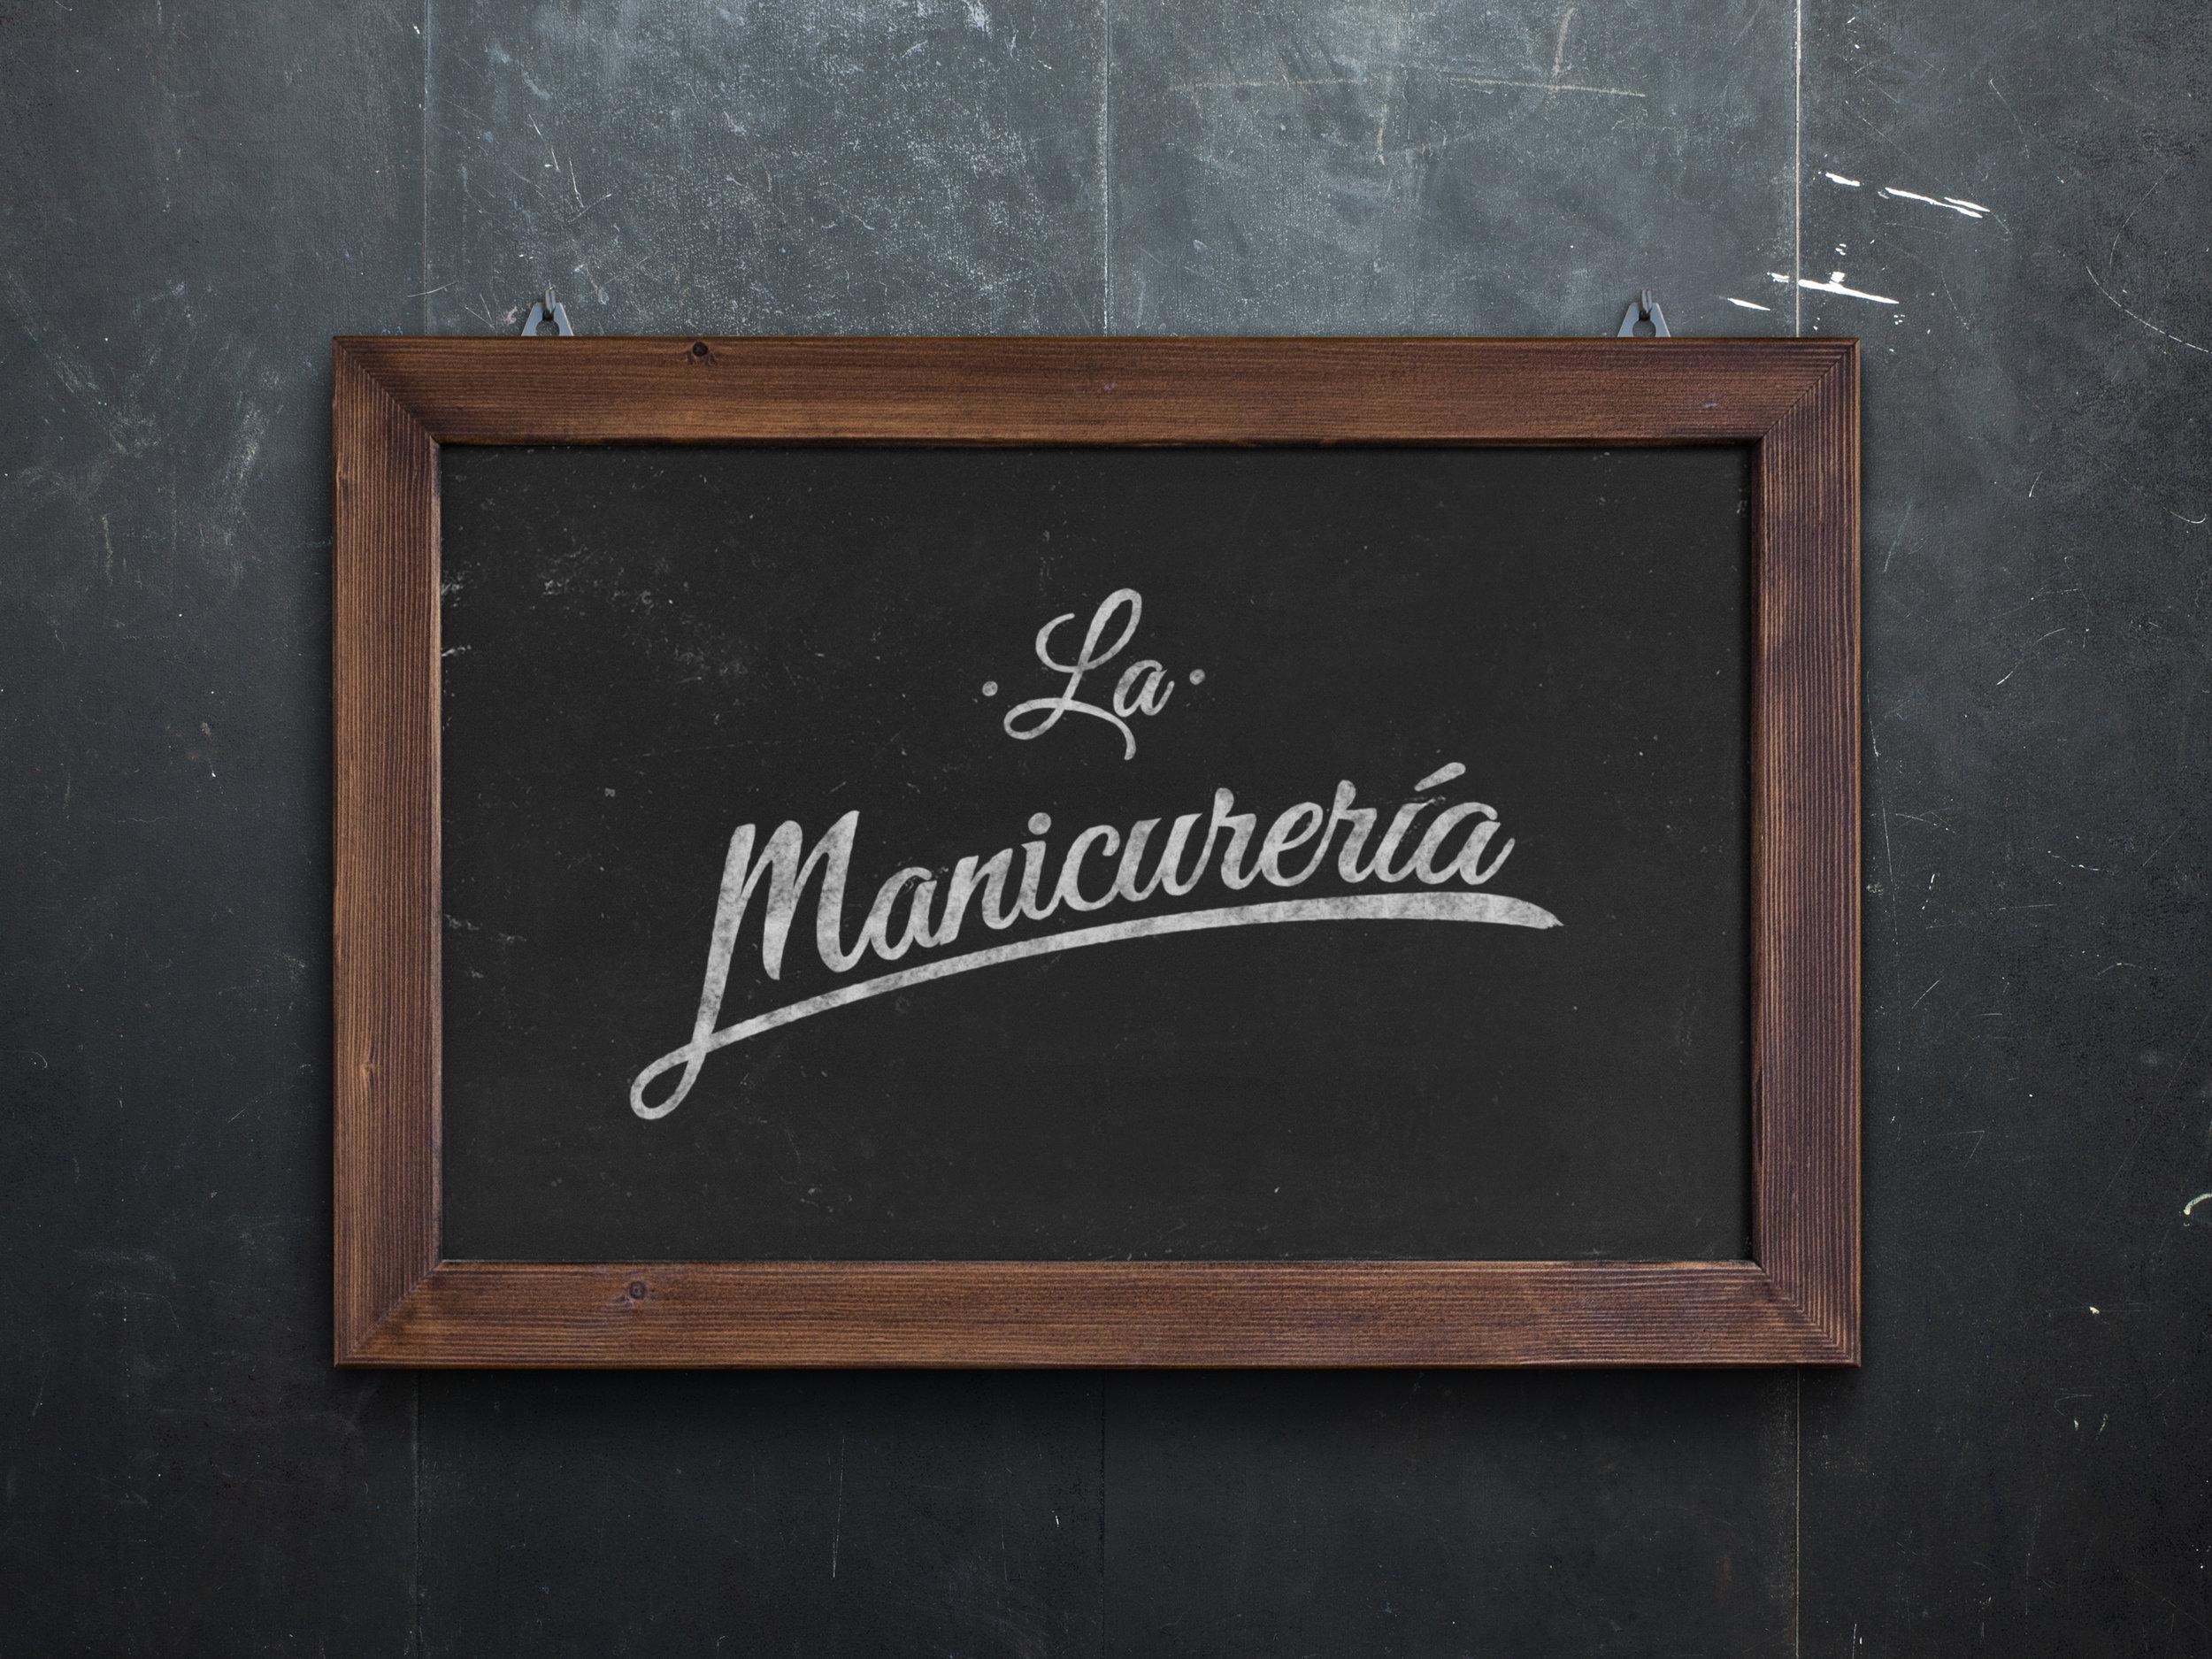 THE OFFICE_lamanicureria13.jpg